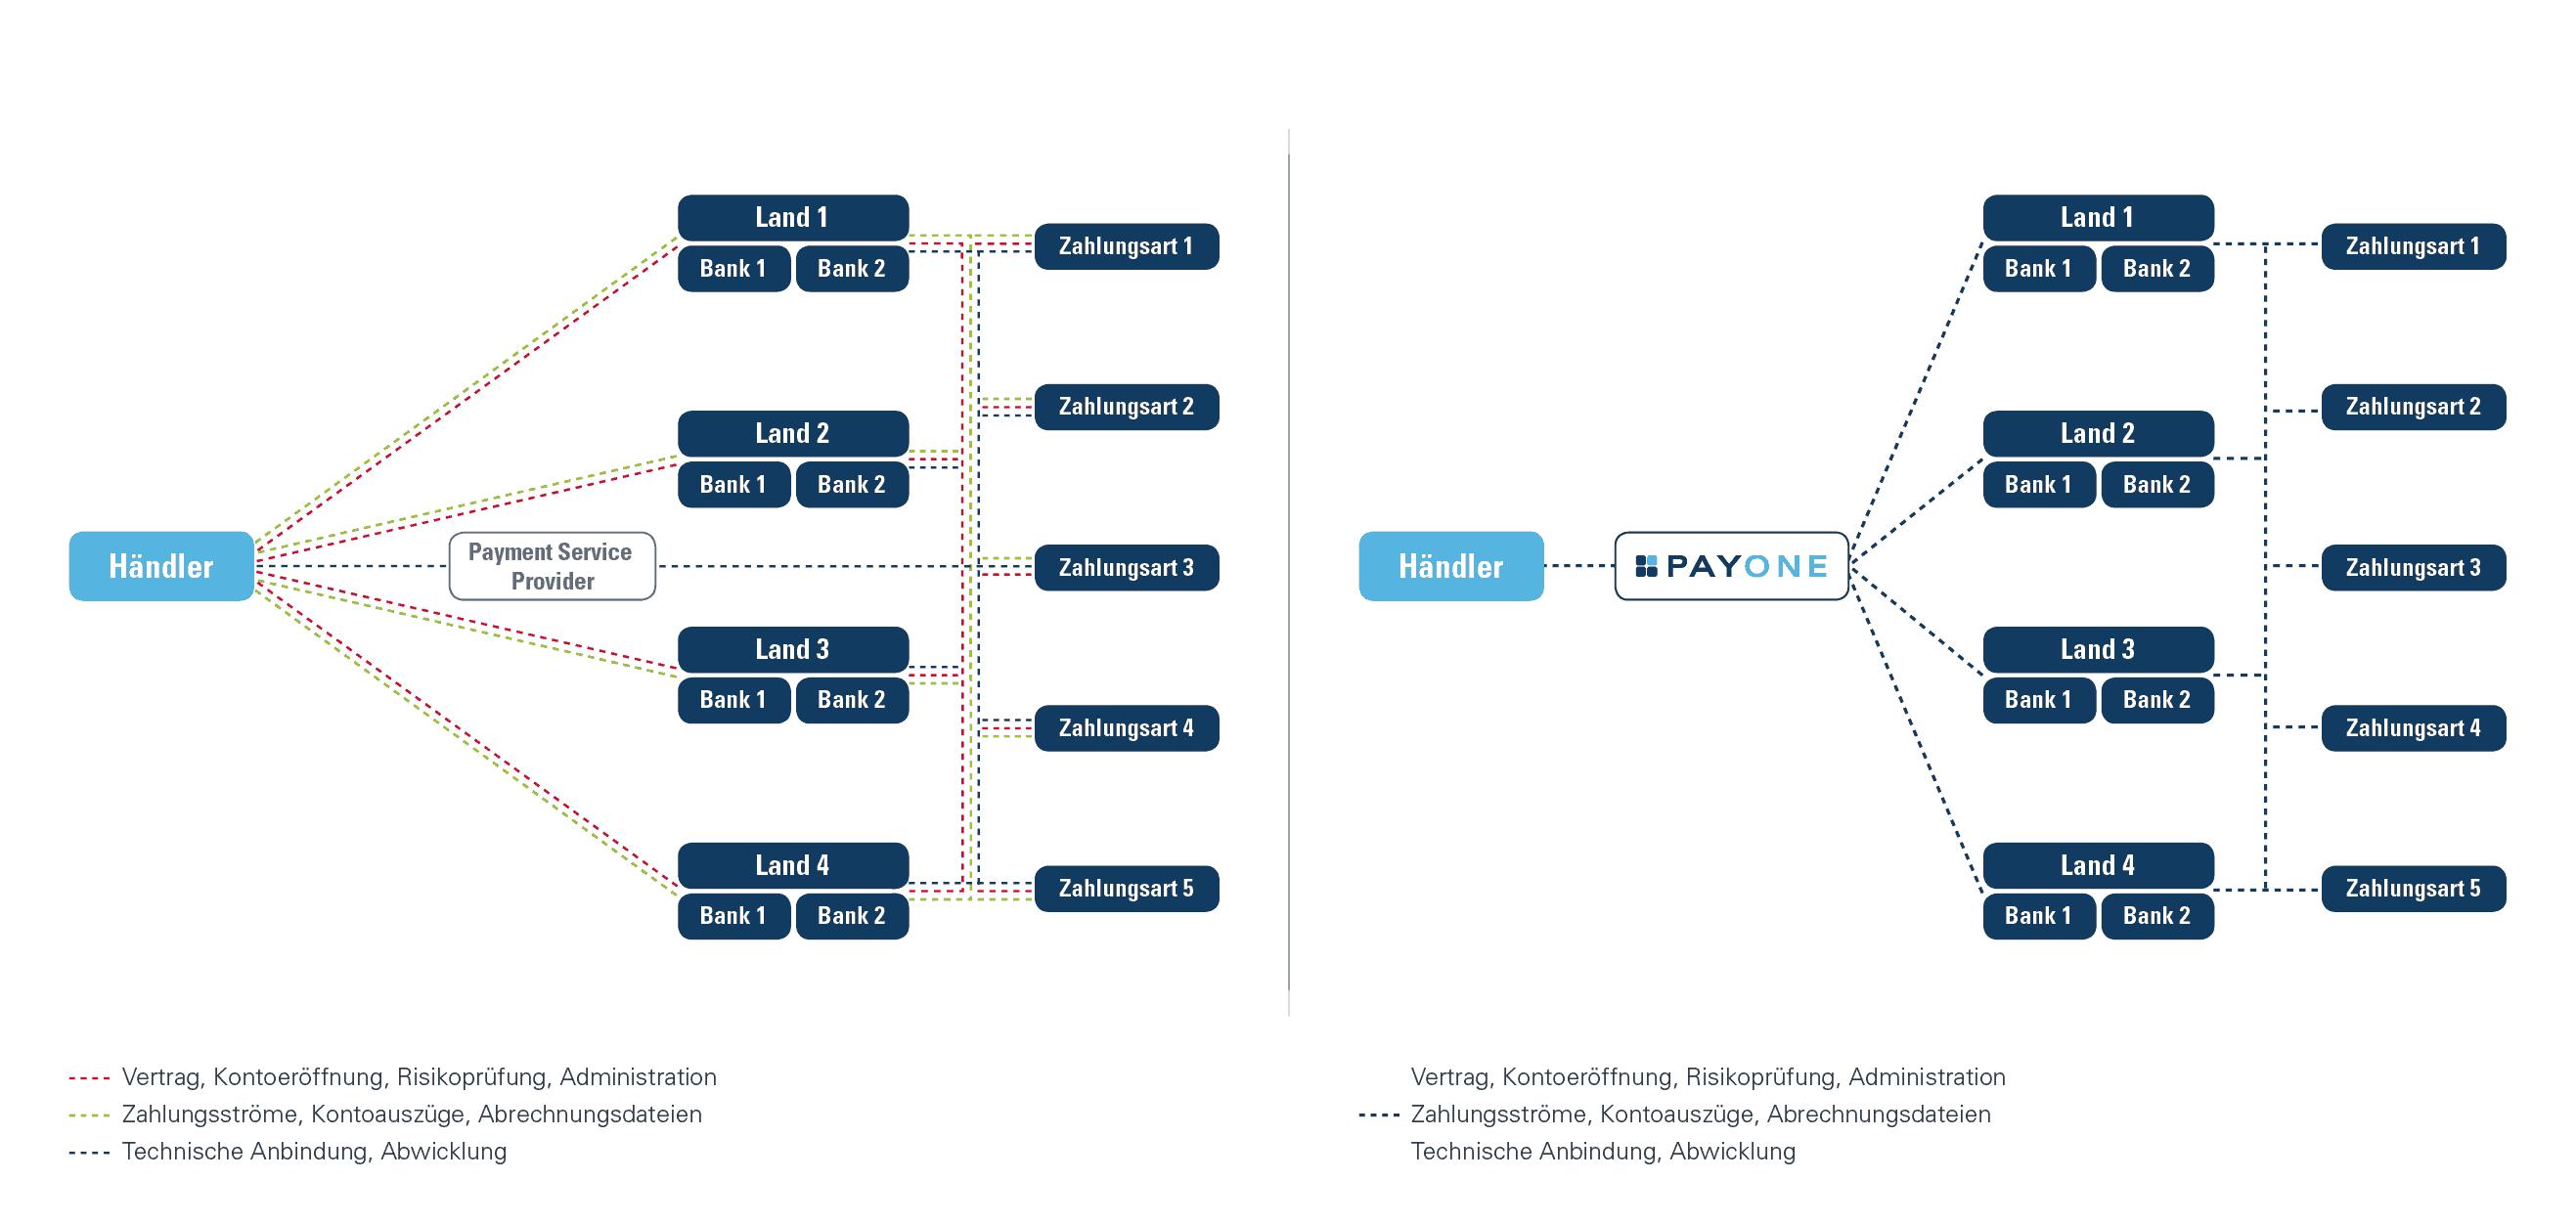 Die Prozessgrafik veranschaulicht die Vereinfachung für die KundenPayone